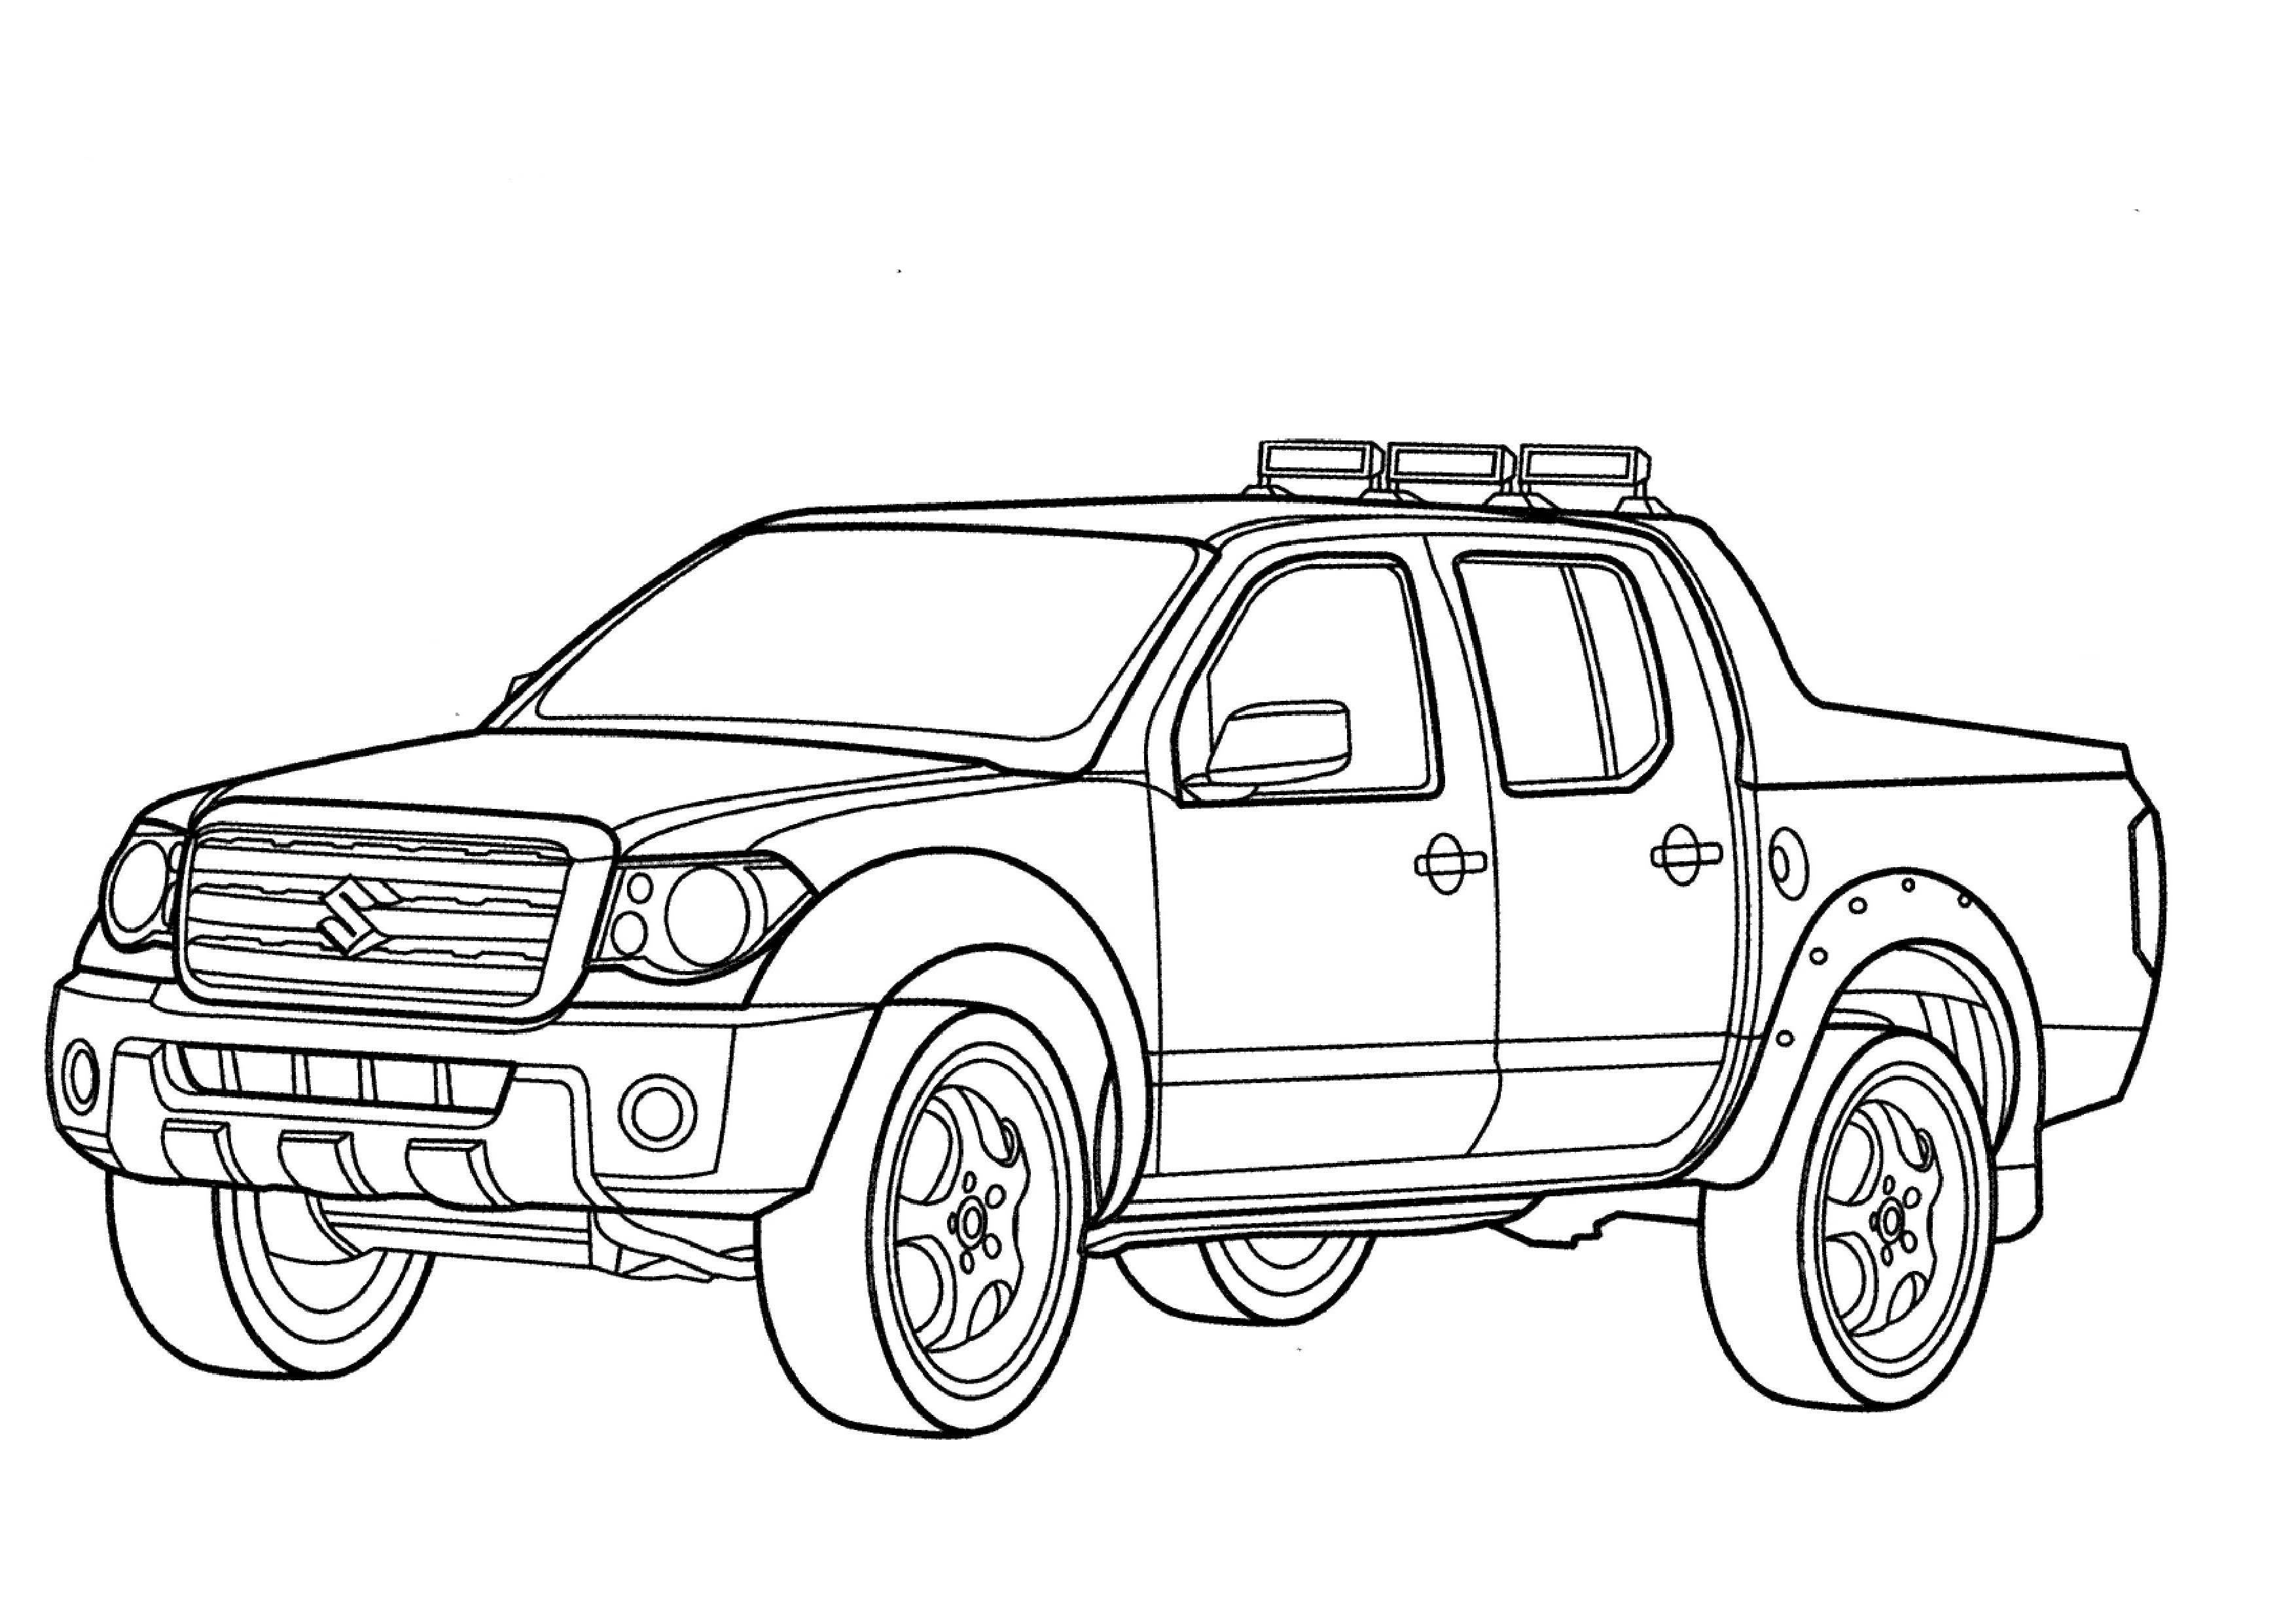 kolorowanki do wydrukowania malowanki samochd do wydrukowania wallpaper gallery jeep grand cherokee coloring